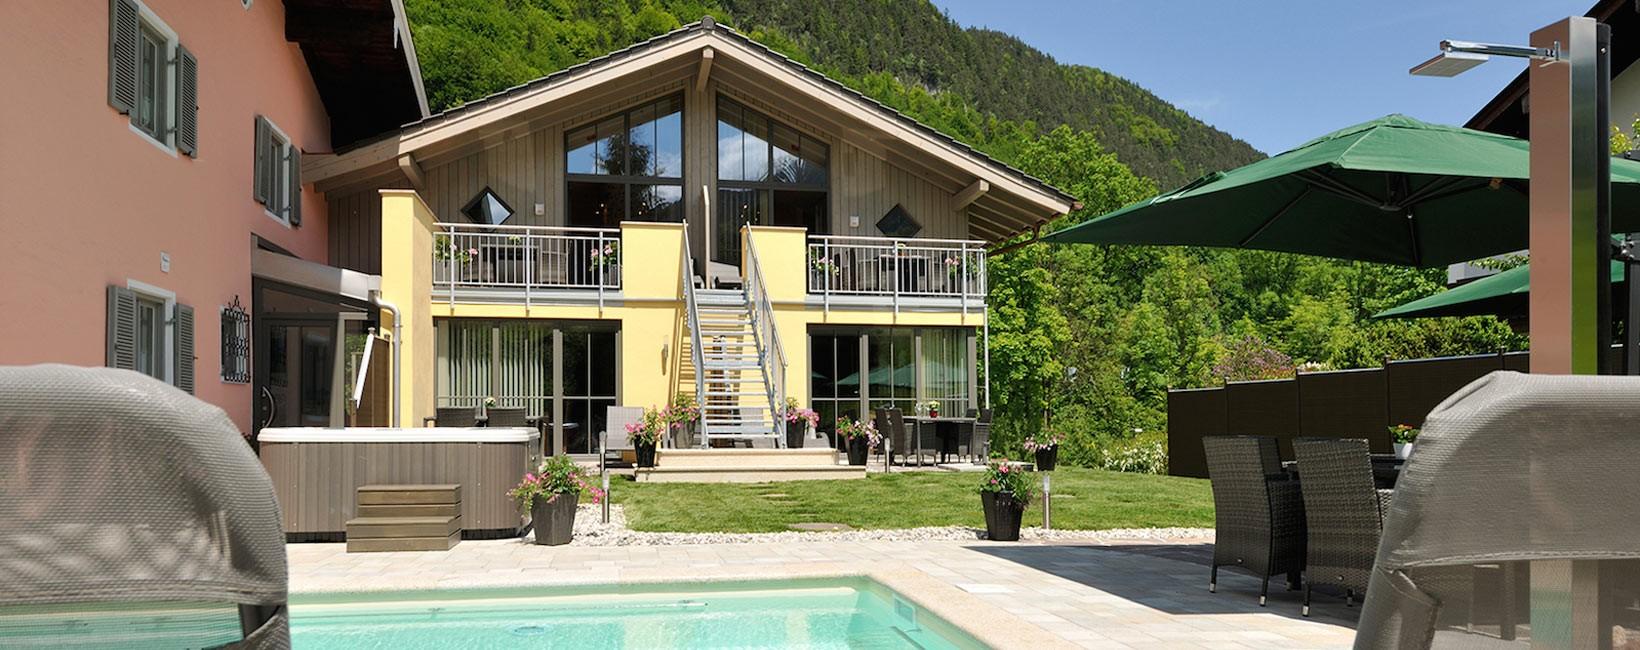 Ferienwohnungen Alpenglühen Berchtesgaden